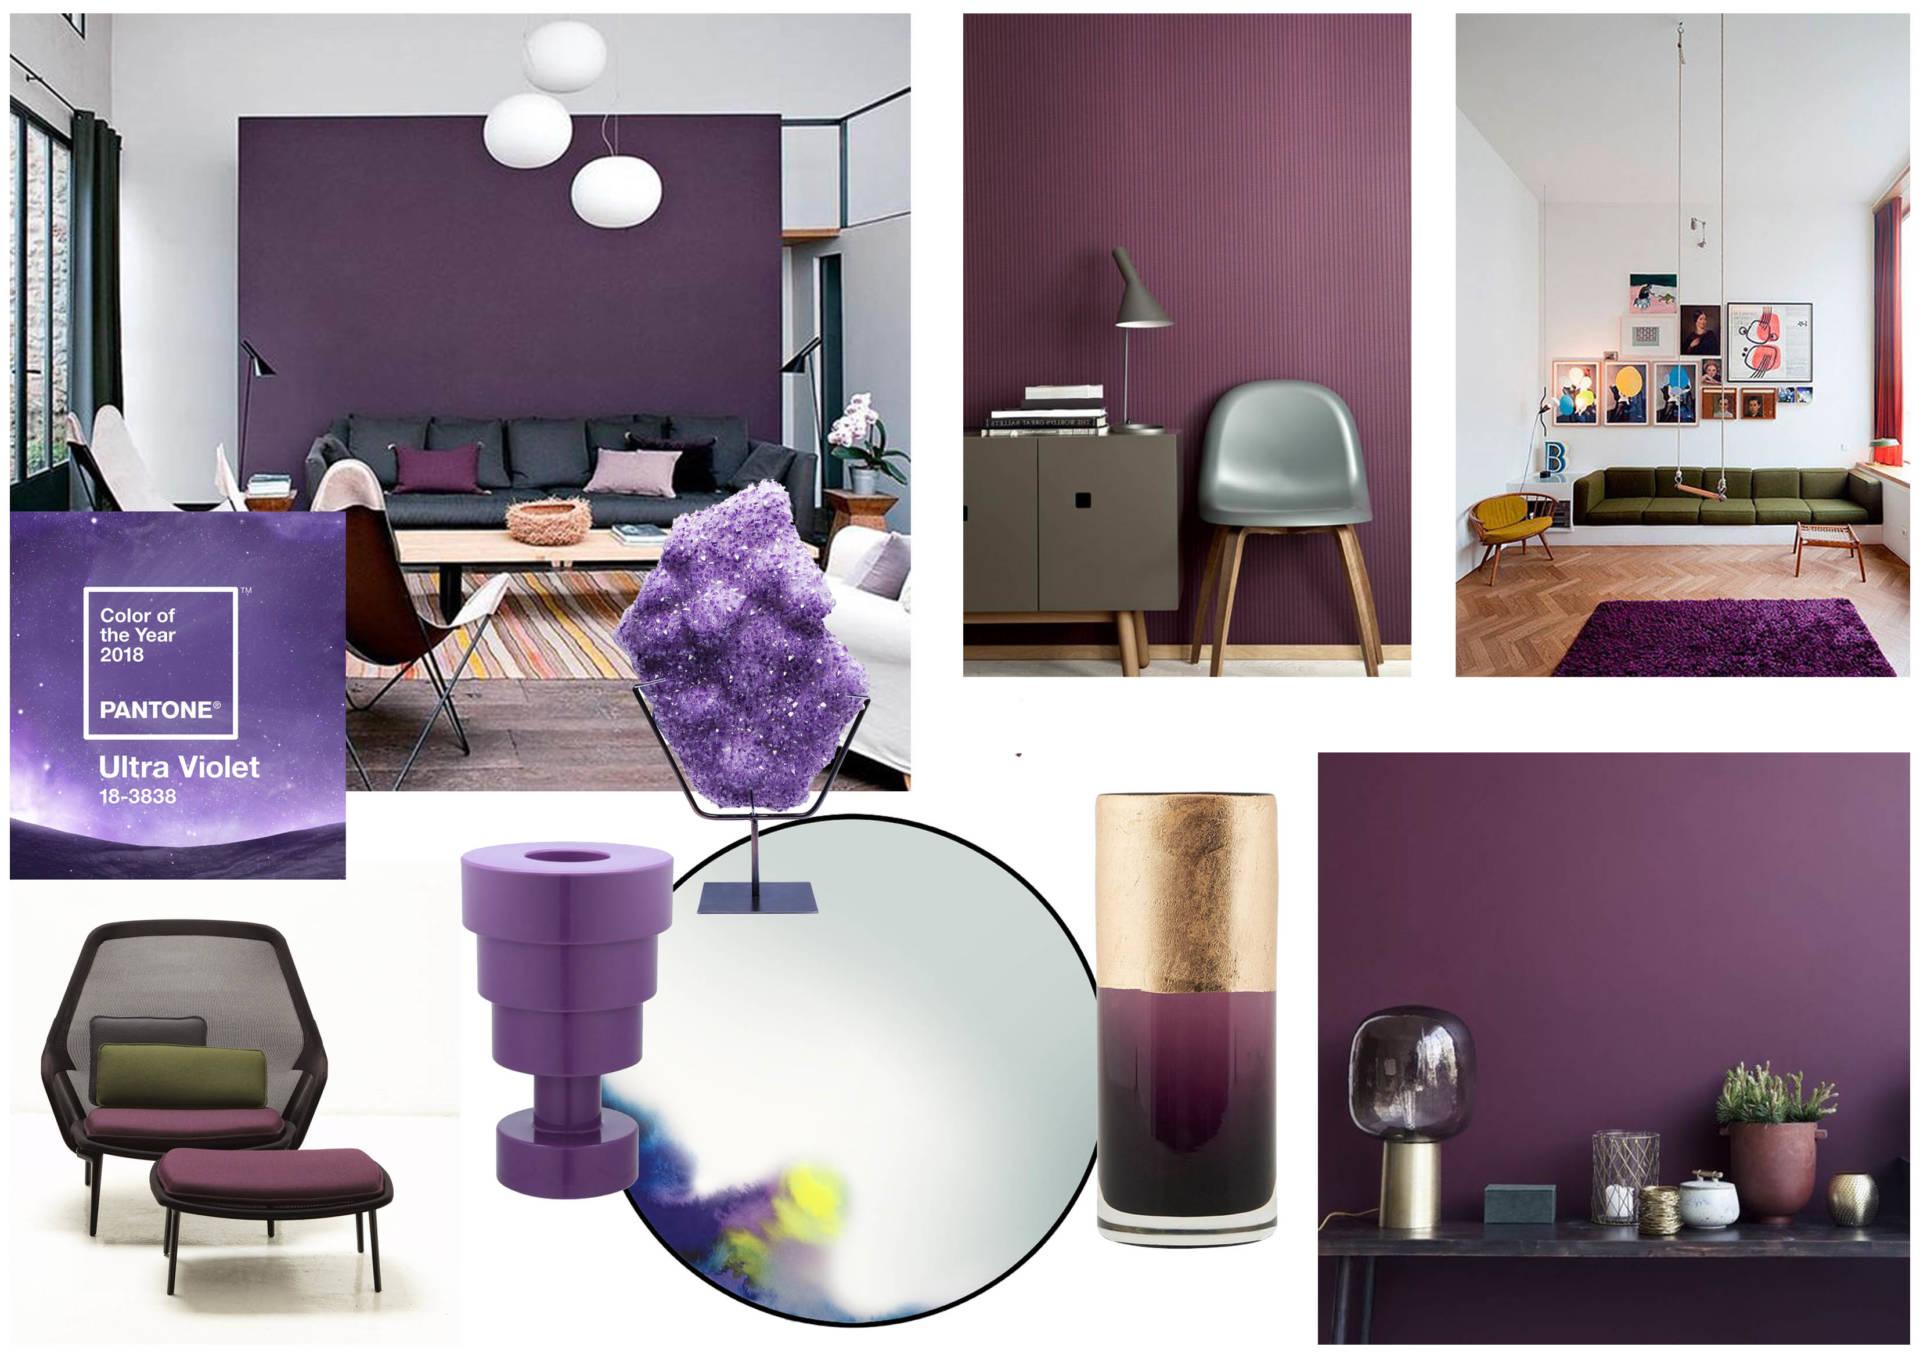 Planche tendance sur la tendance Ultra Violet par Anne Solenn Chérat, Décoratrice UFDI sur Lorient, Vannes, Pontivy